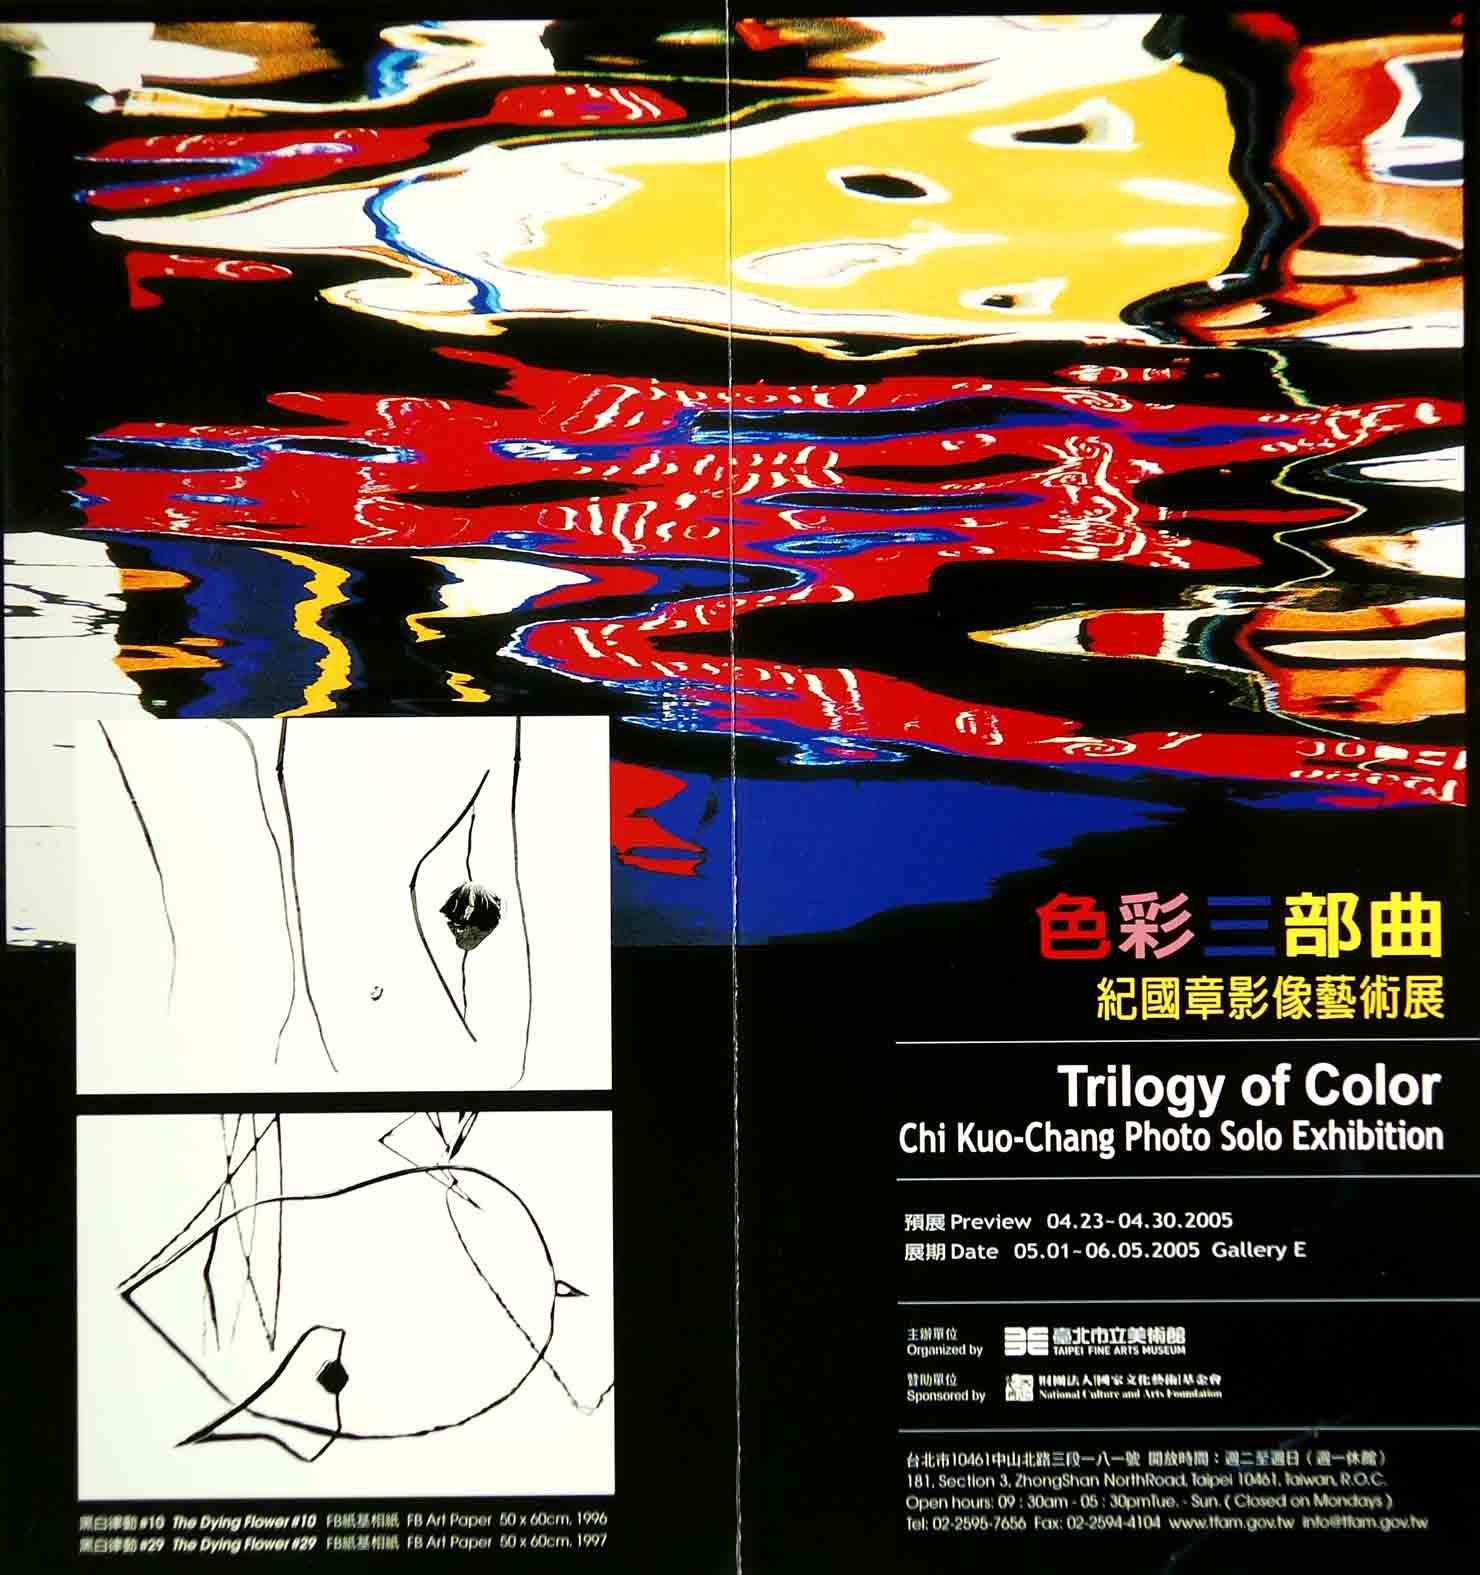 紀國章老師2005北美館色彩三部曲展覽簡介-1.jpg